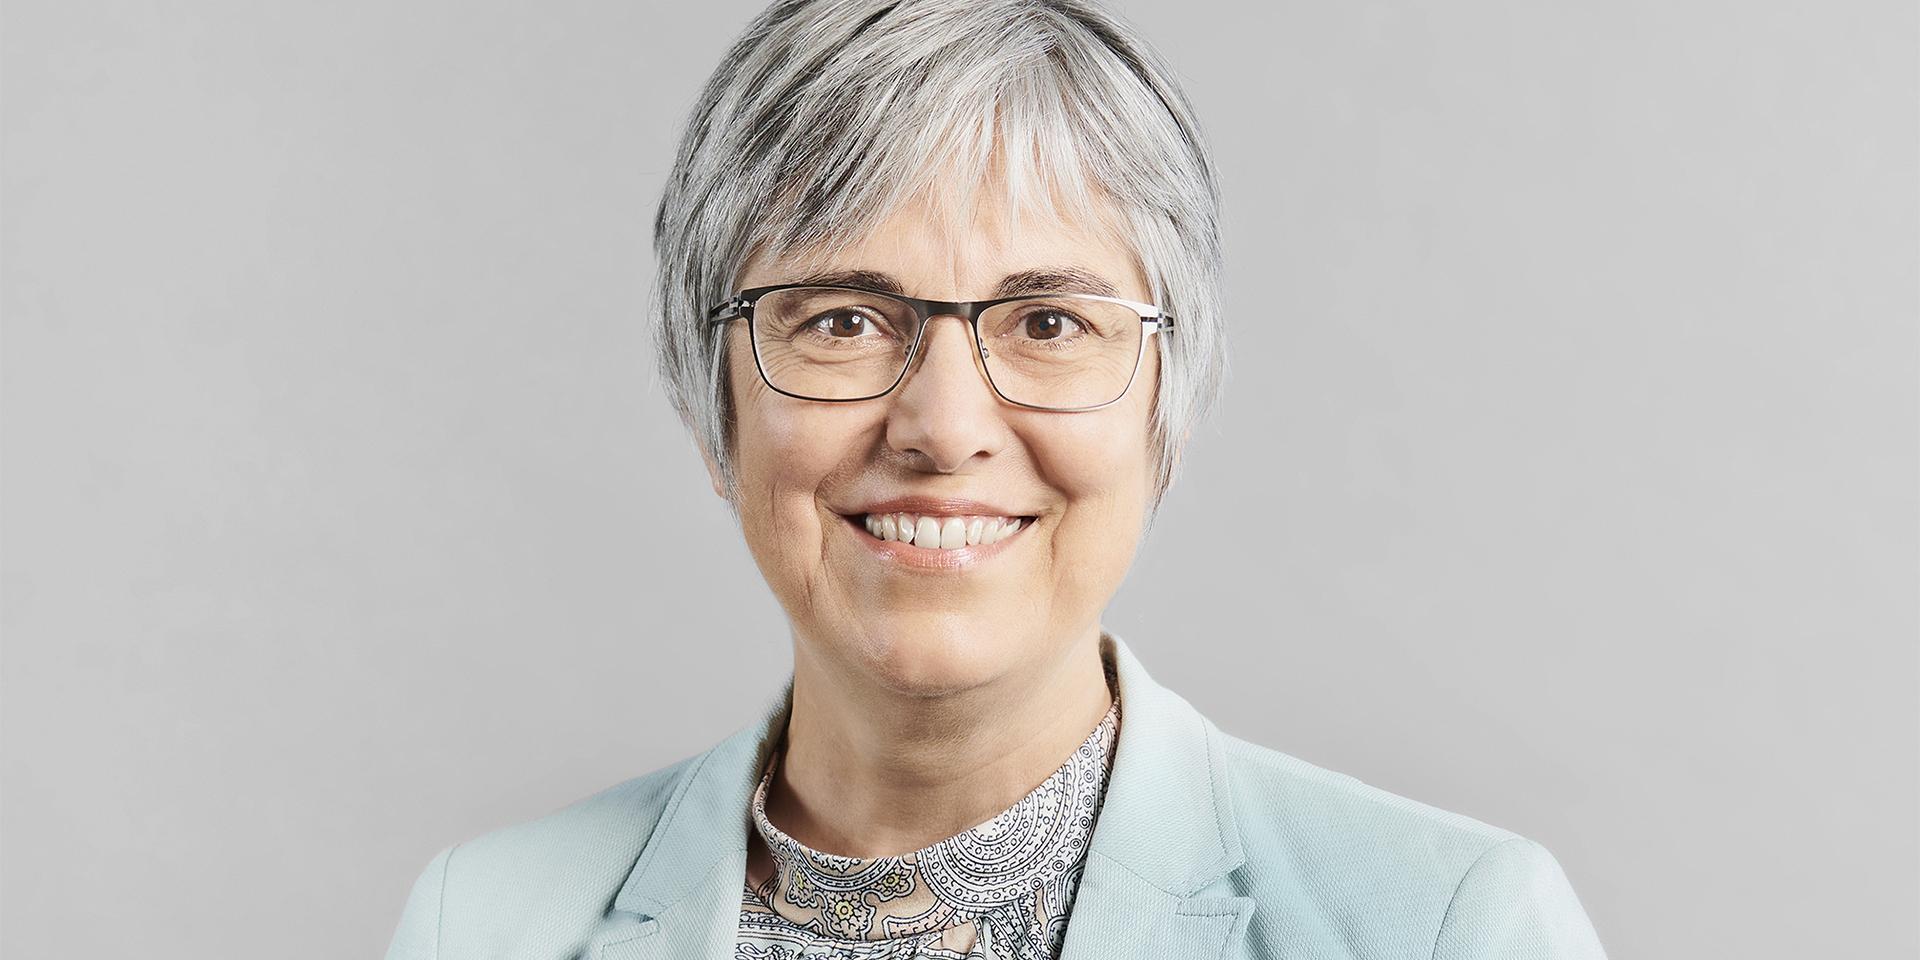 Dr. Dorothea Greiner